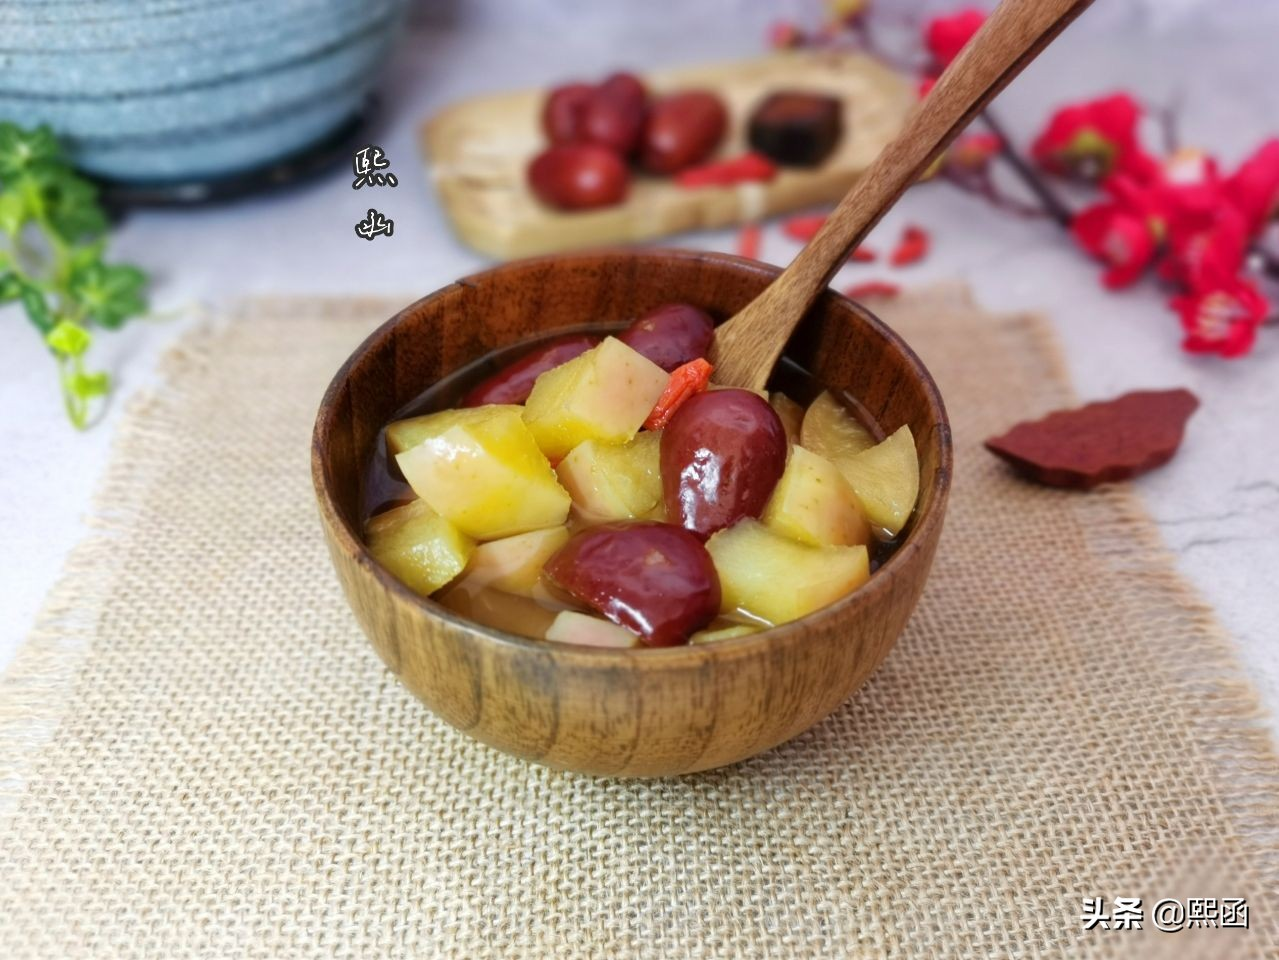 春天,把苹果和红枣一起煮,隔三差五喝几次,作用真不小 美食做法 第12张